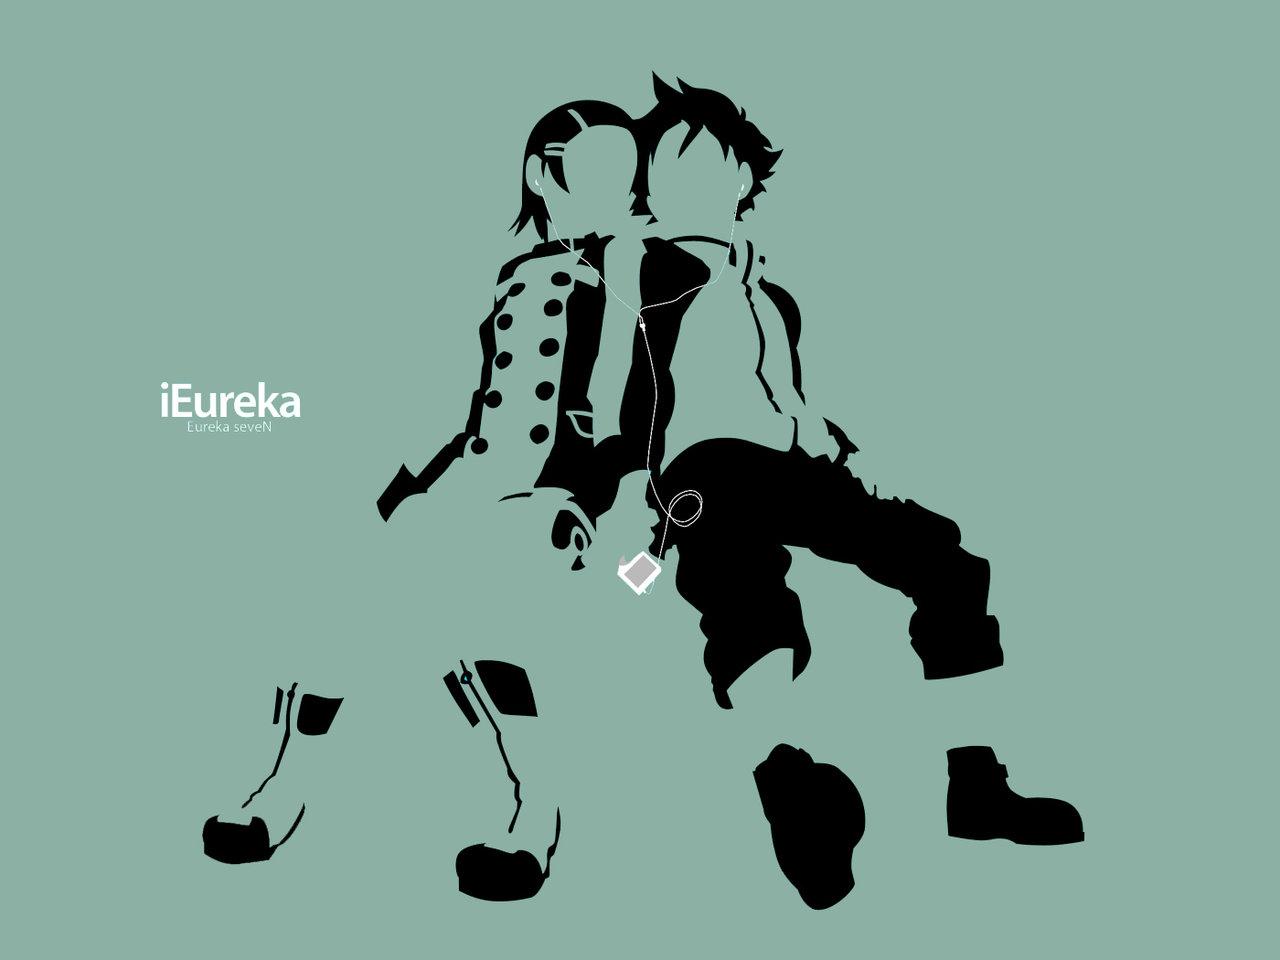 eureka eureka_seven ipod jpeg_artifacts polychromatic renton_thurston silhouette